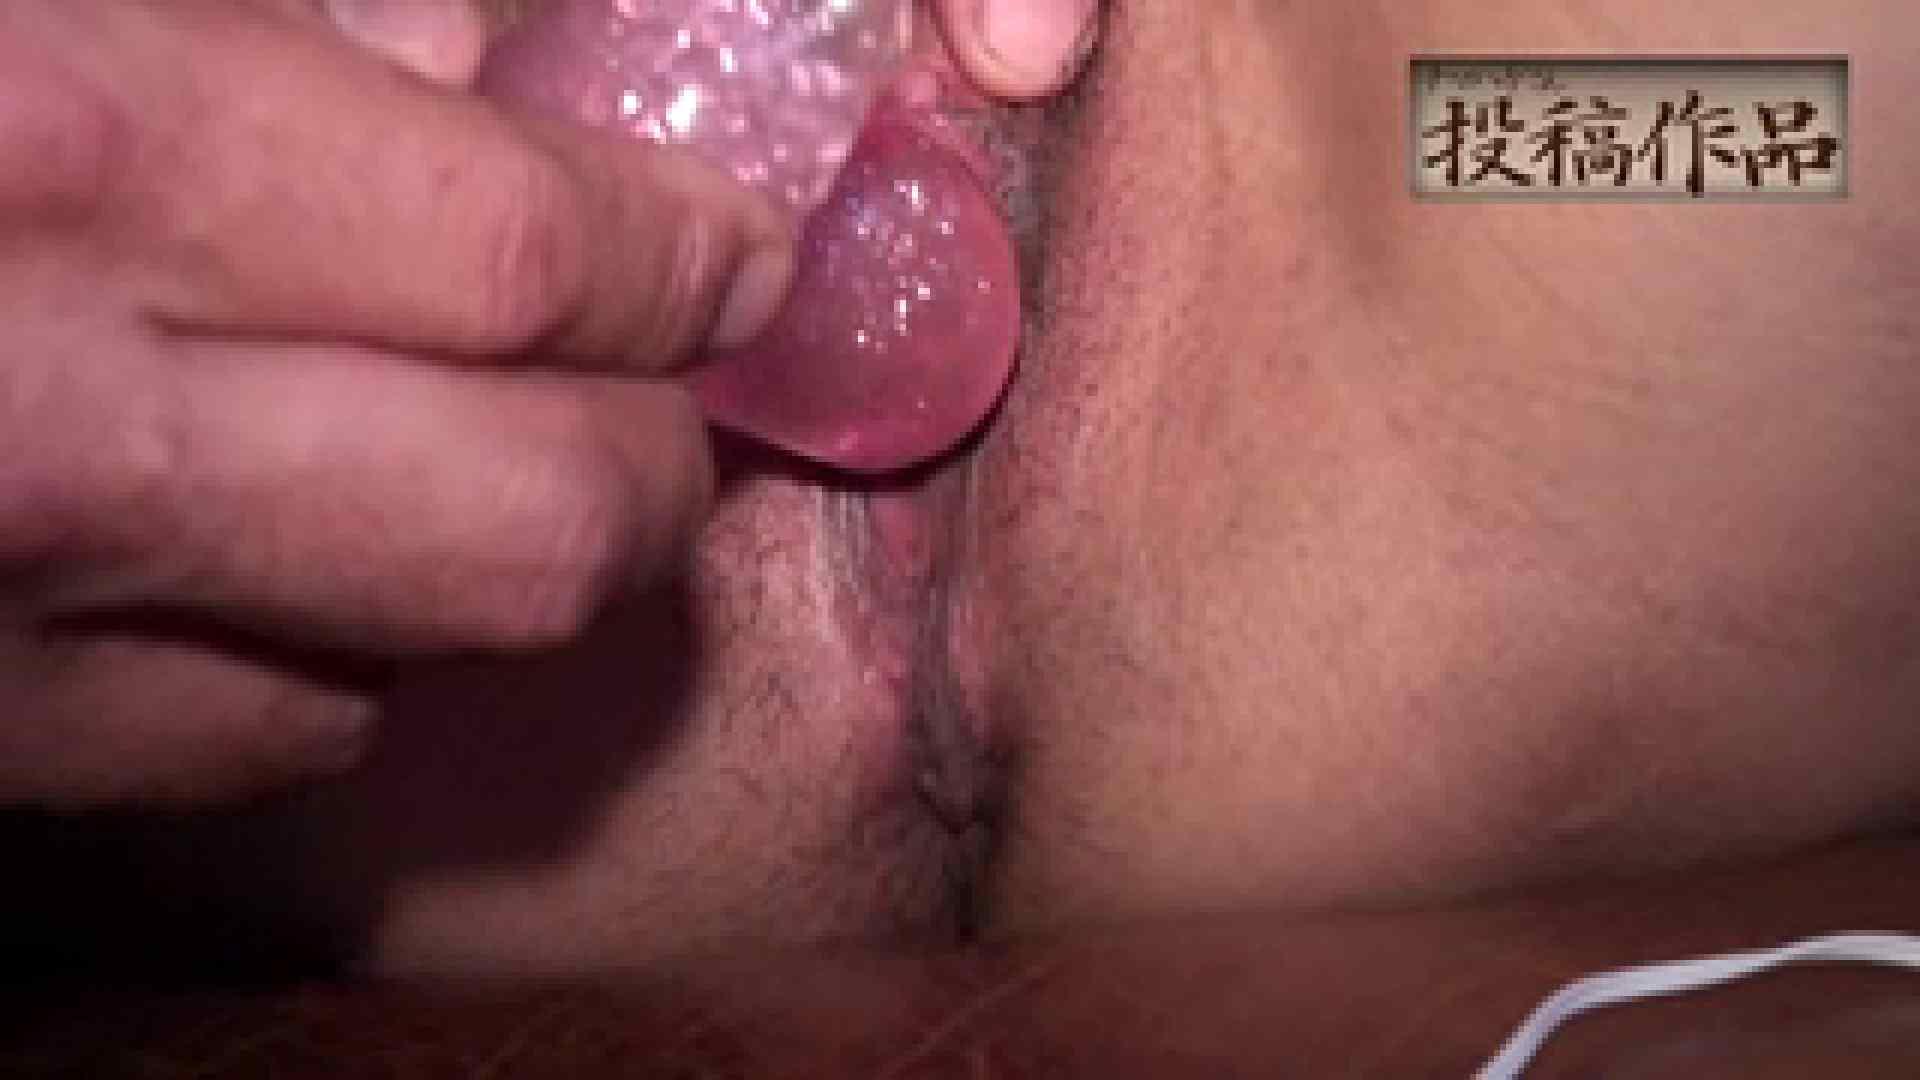 ナマハゲさんのまんこコレクション kana 勃起 AV動画キャプチャ 81pic 69